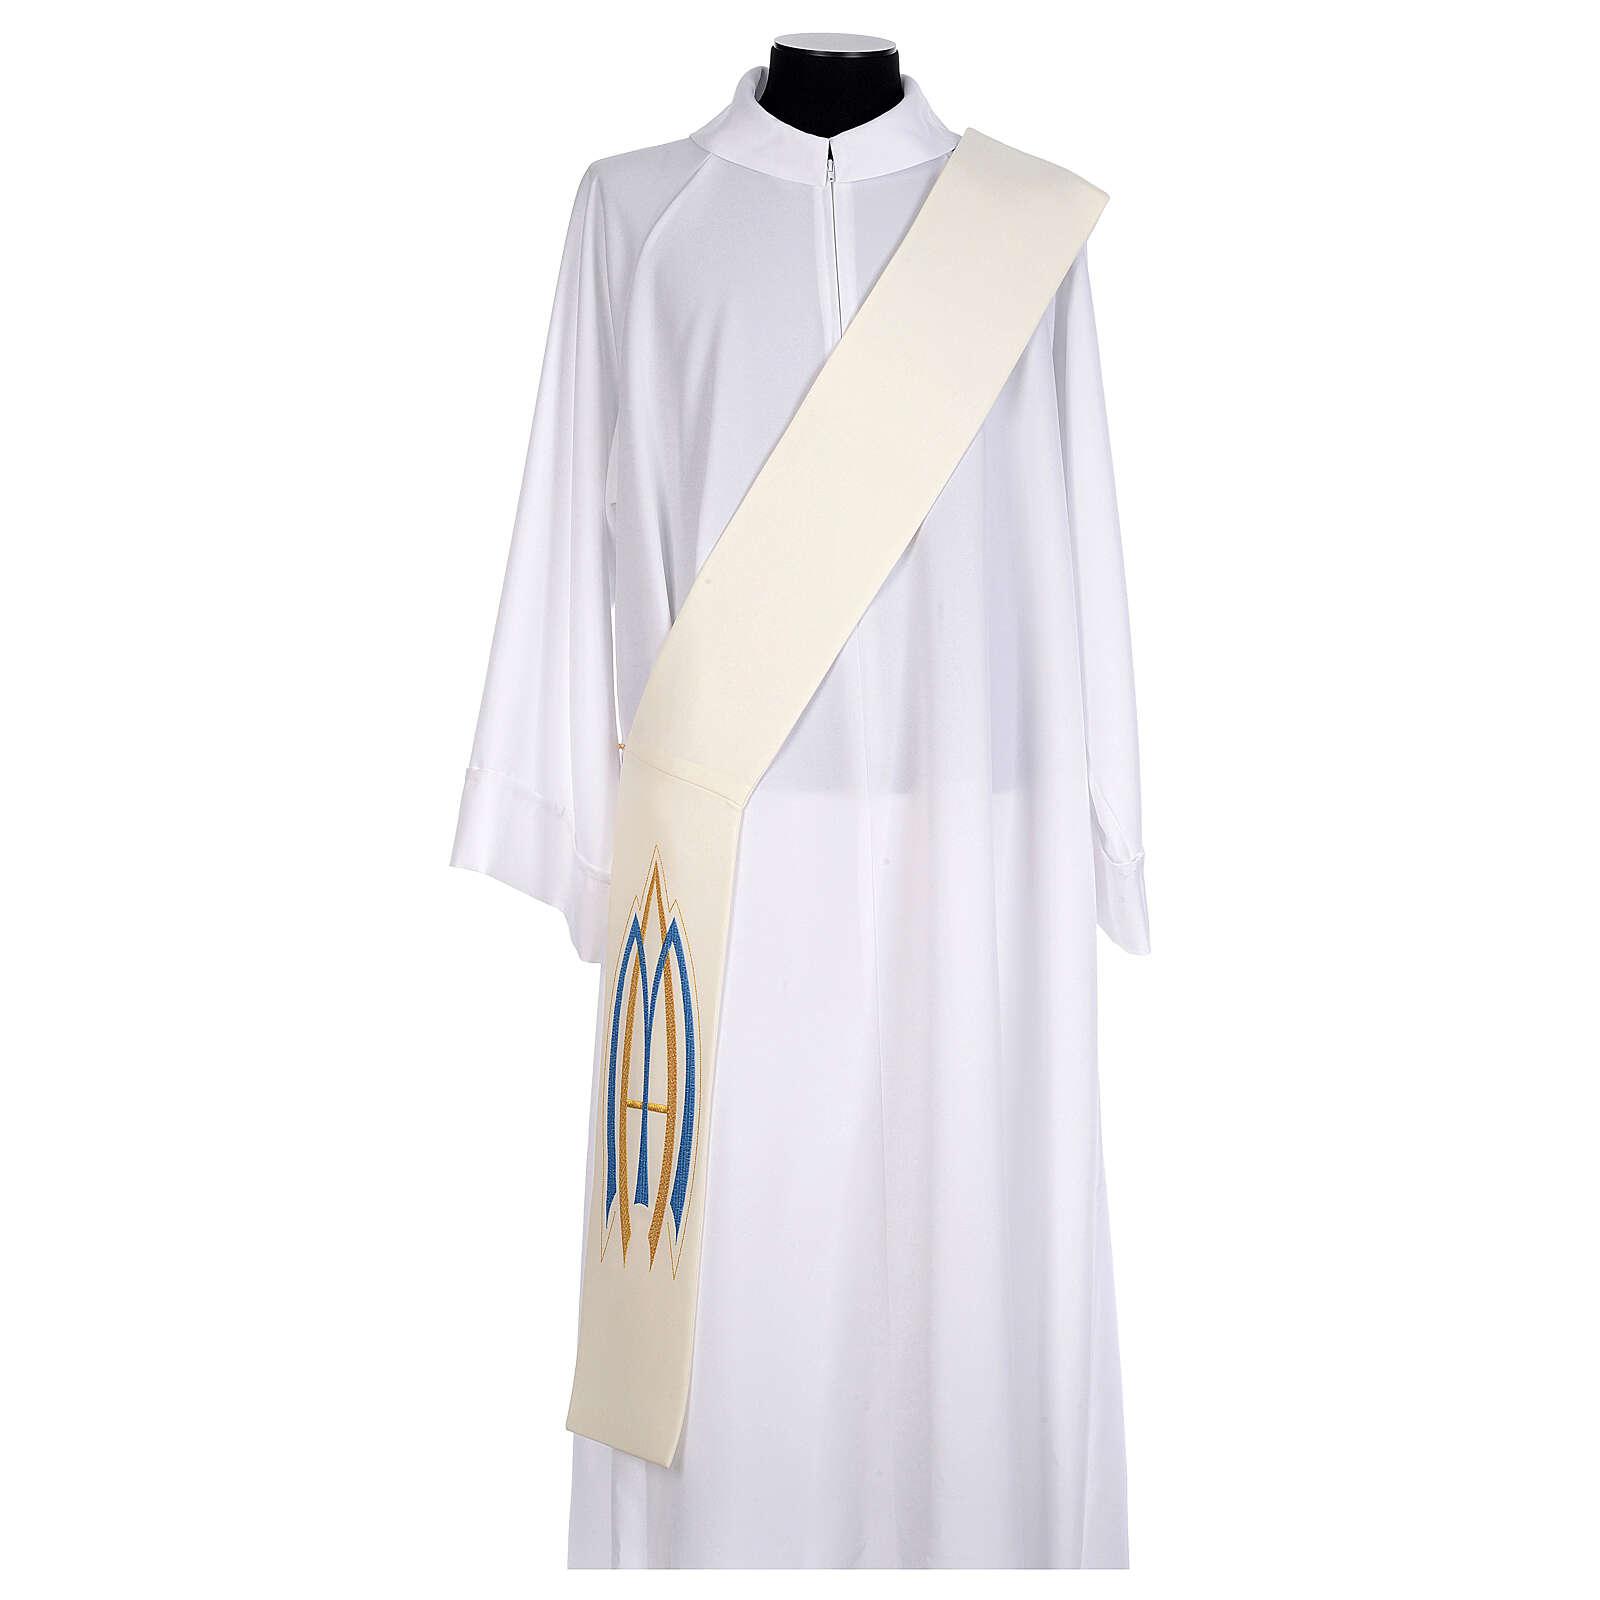 Stola da diacono mariana 100% poliestere 4